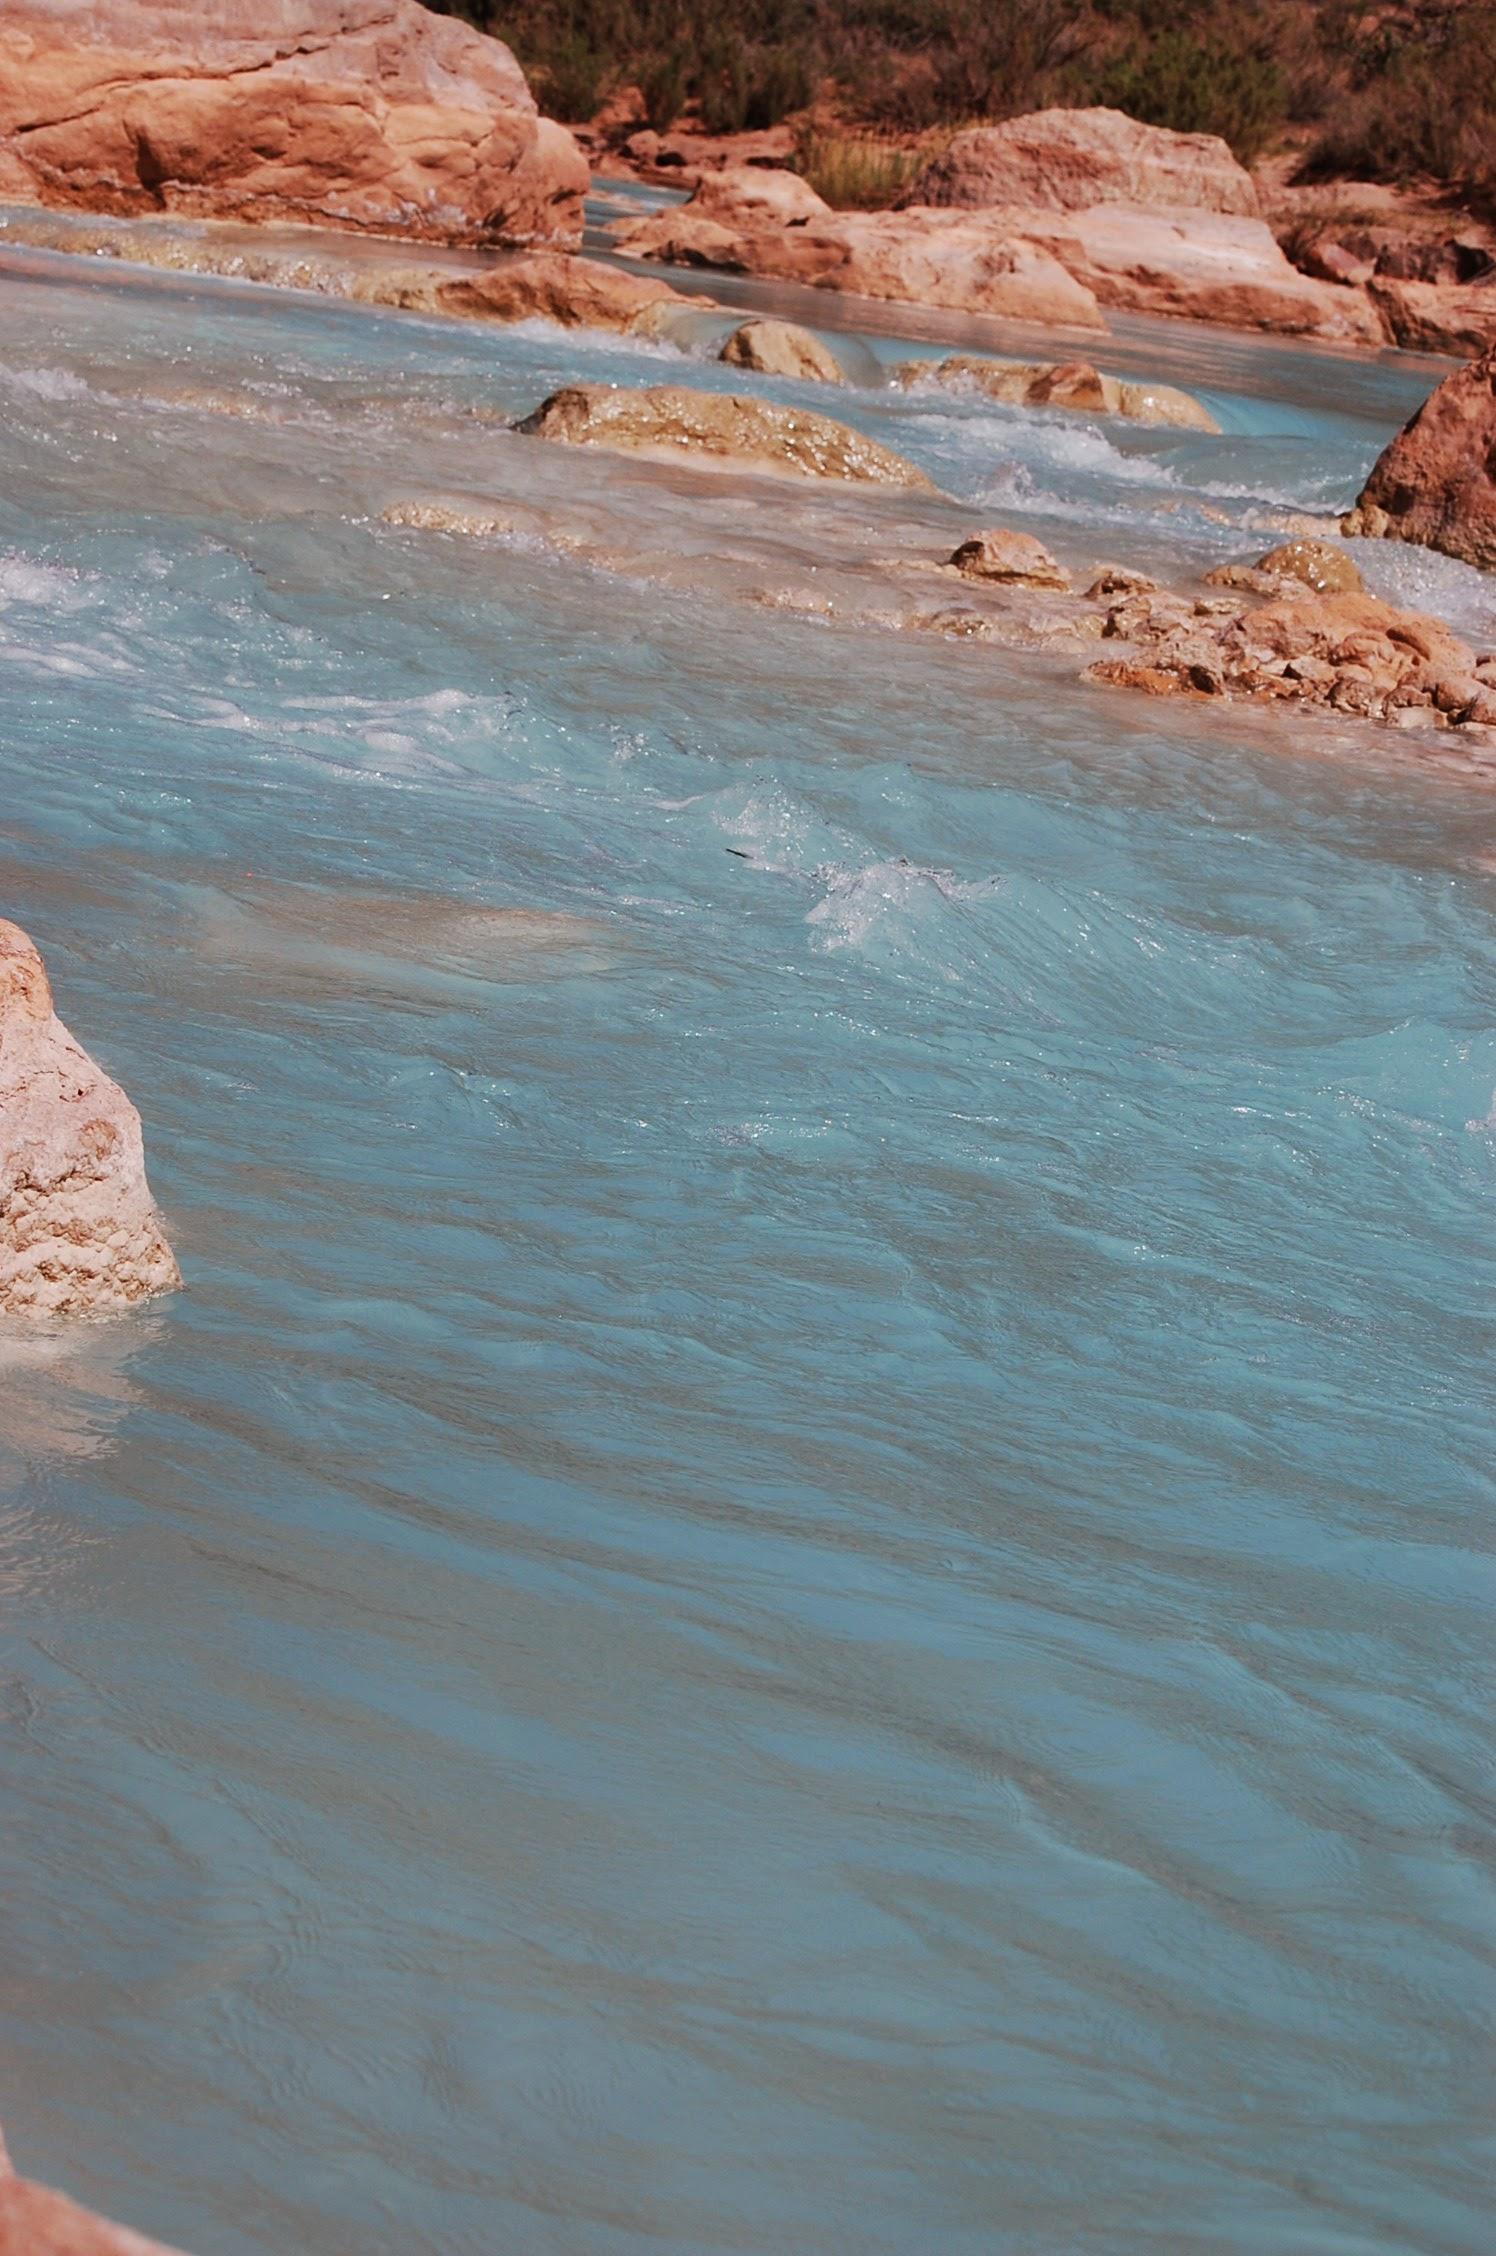 Colorato River raft trip